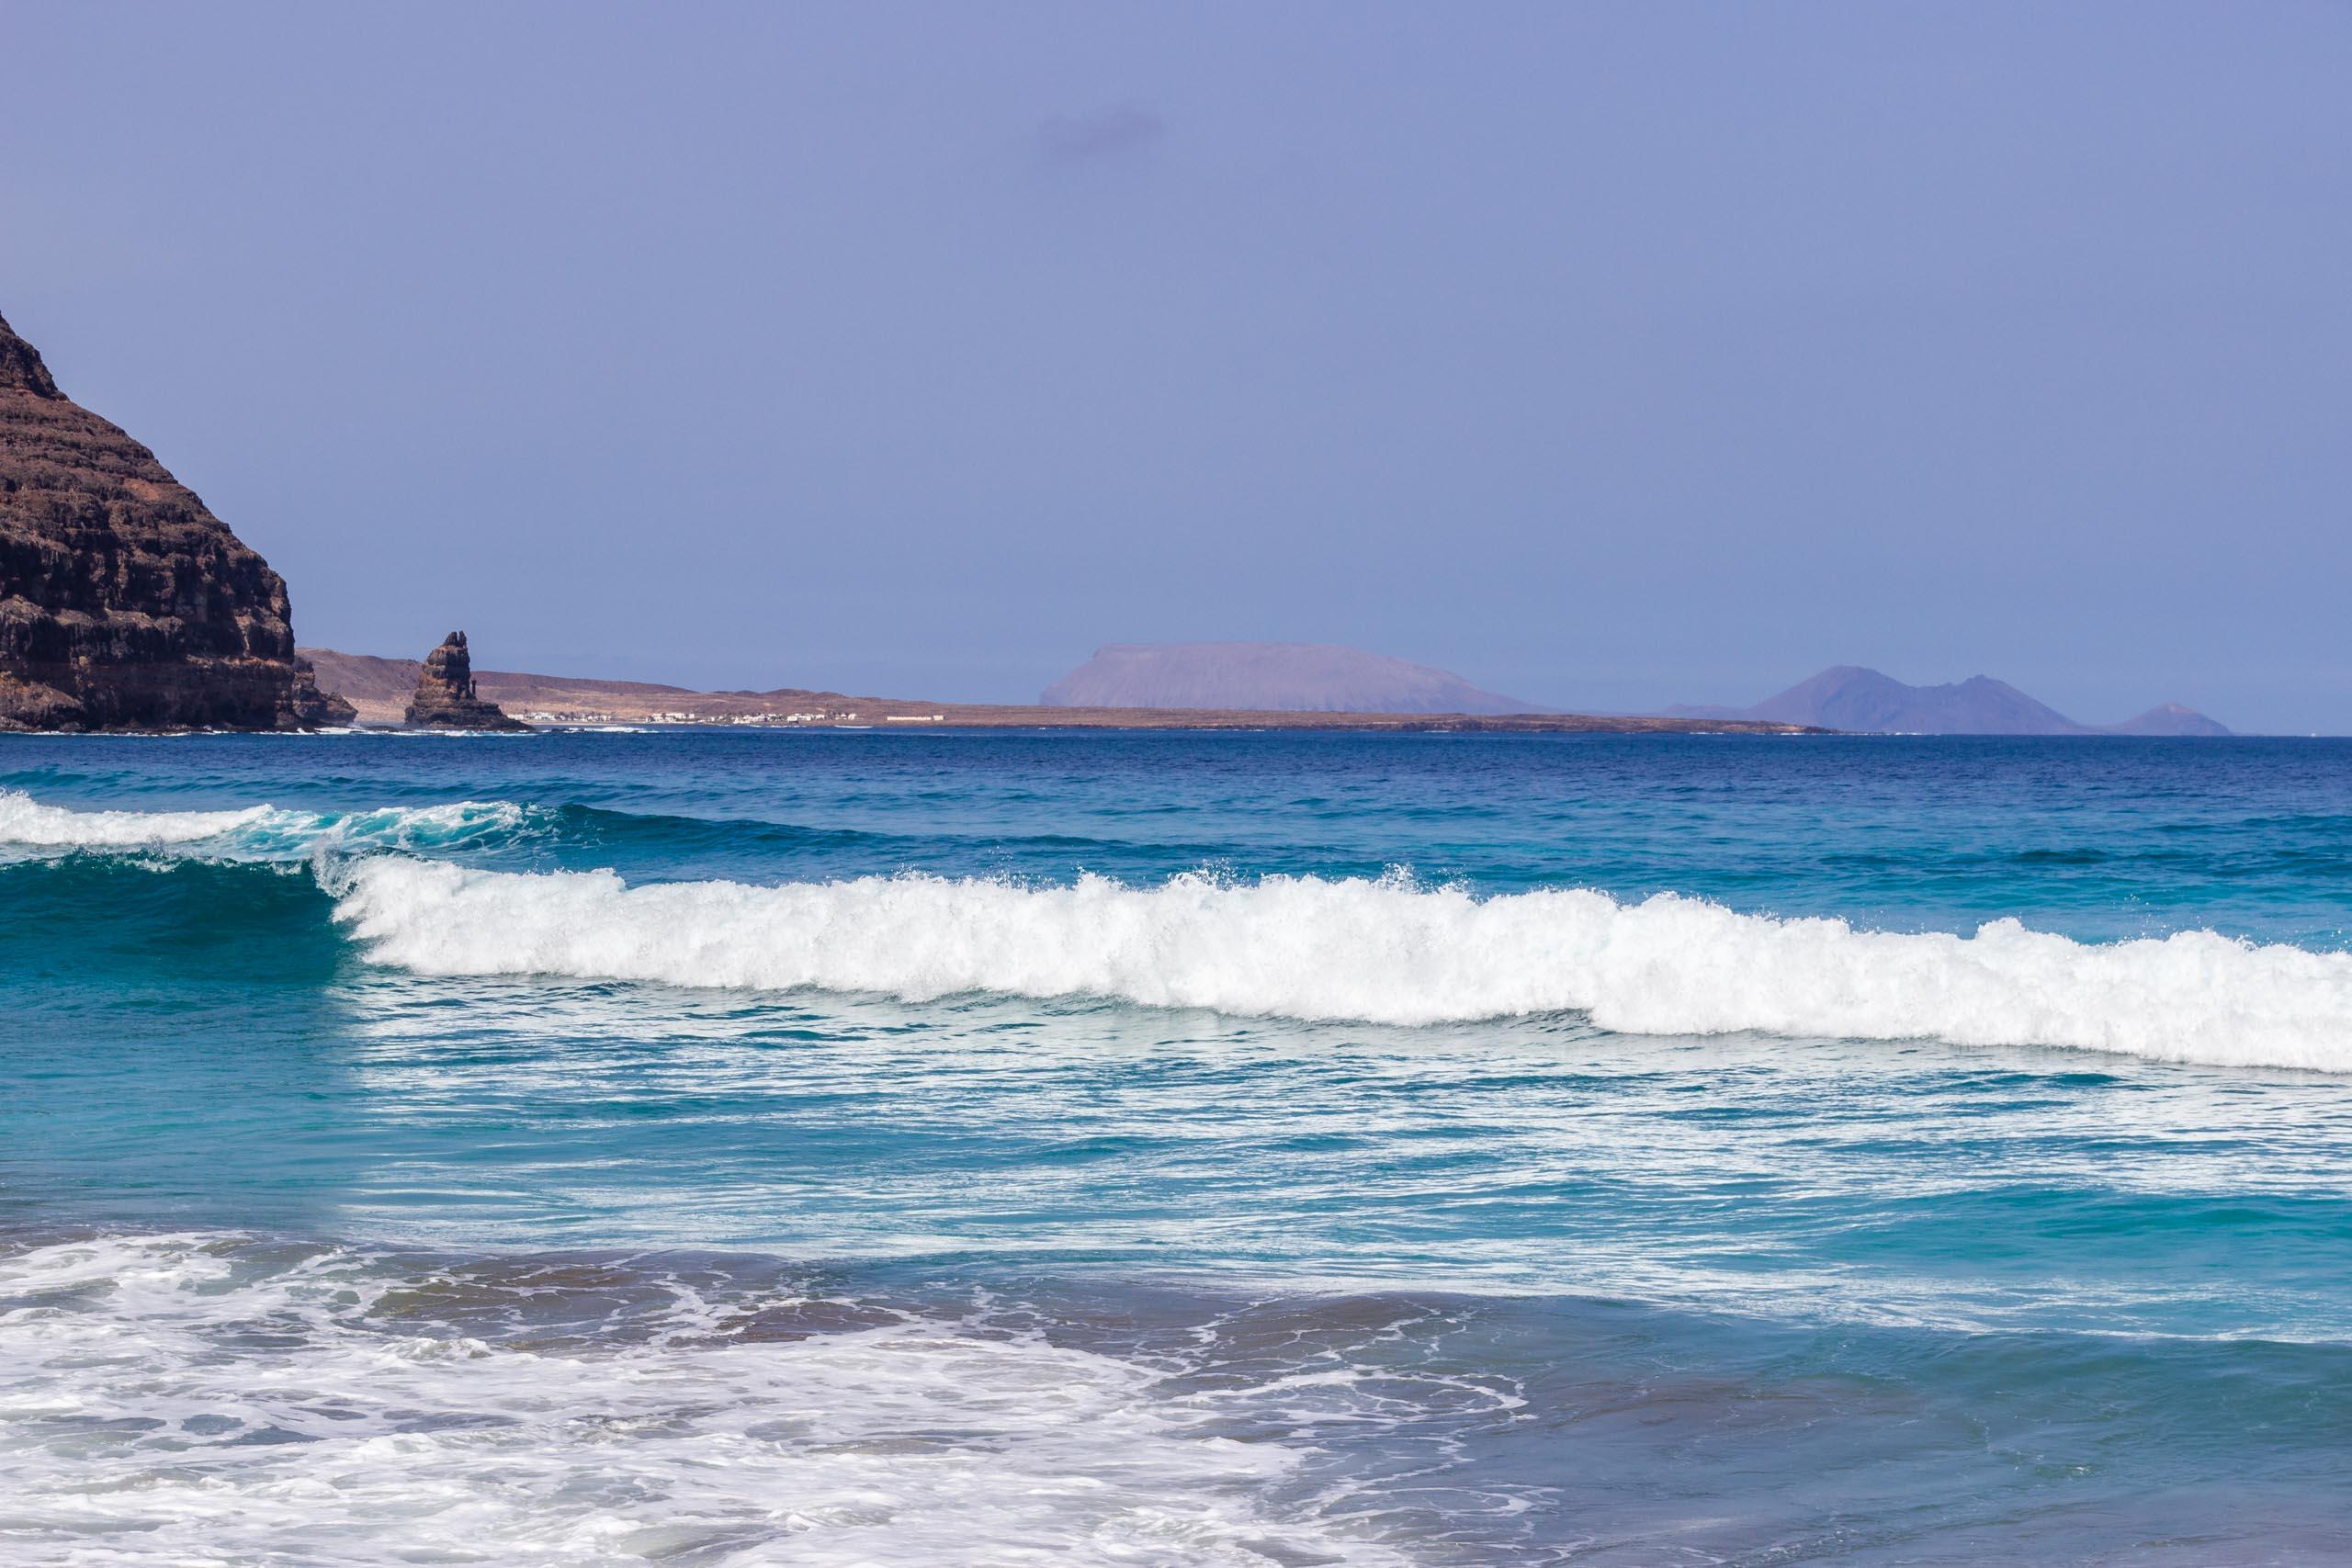 2014 02 Lanzarote PlayaDeLaCanteria 003